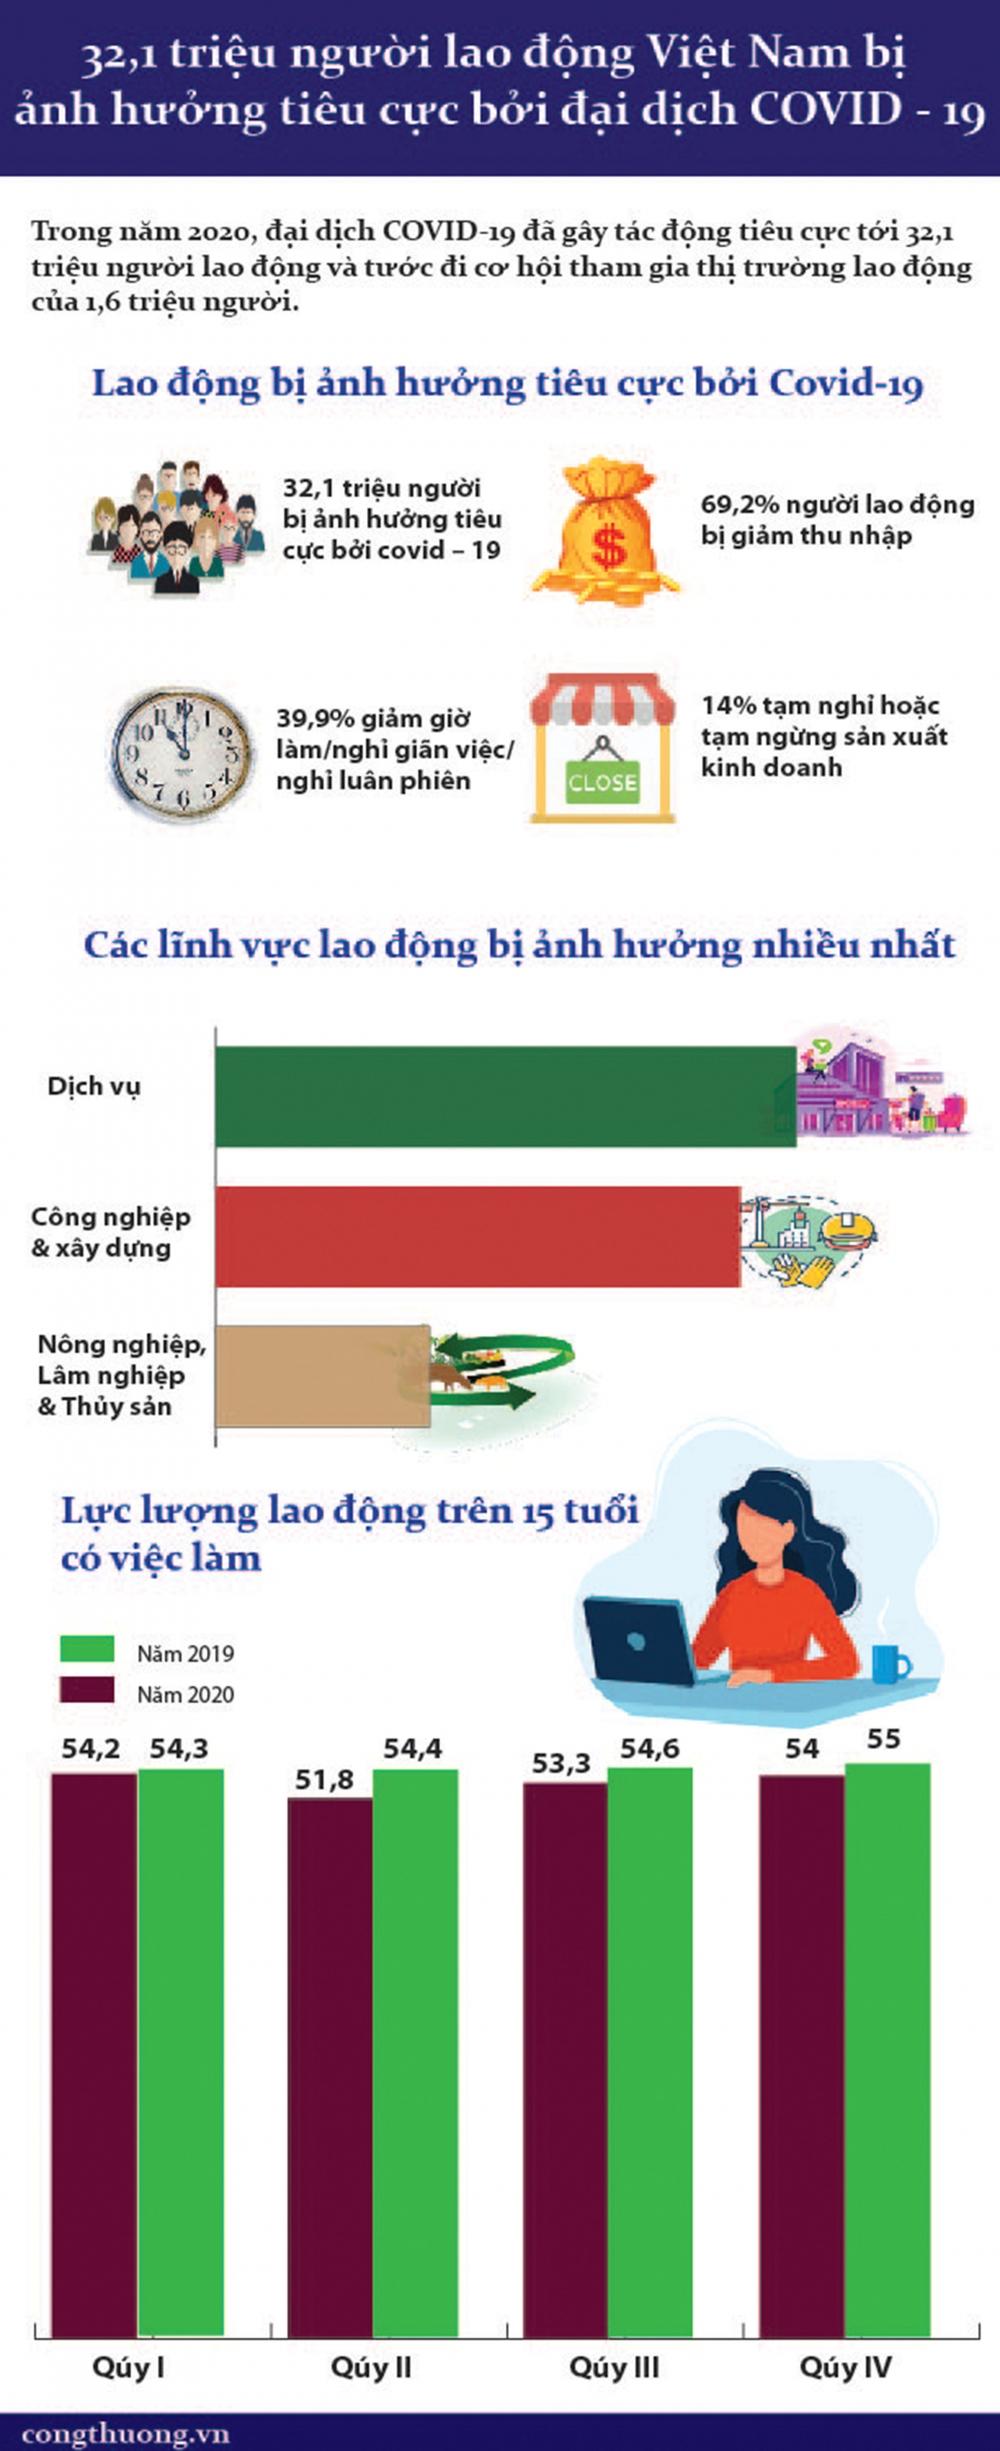 32,1 triệu người lao động Việt Nam bị ảnh hưởng tiêu cực bởi đại dịch COVID-19